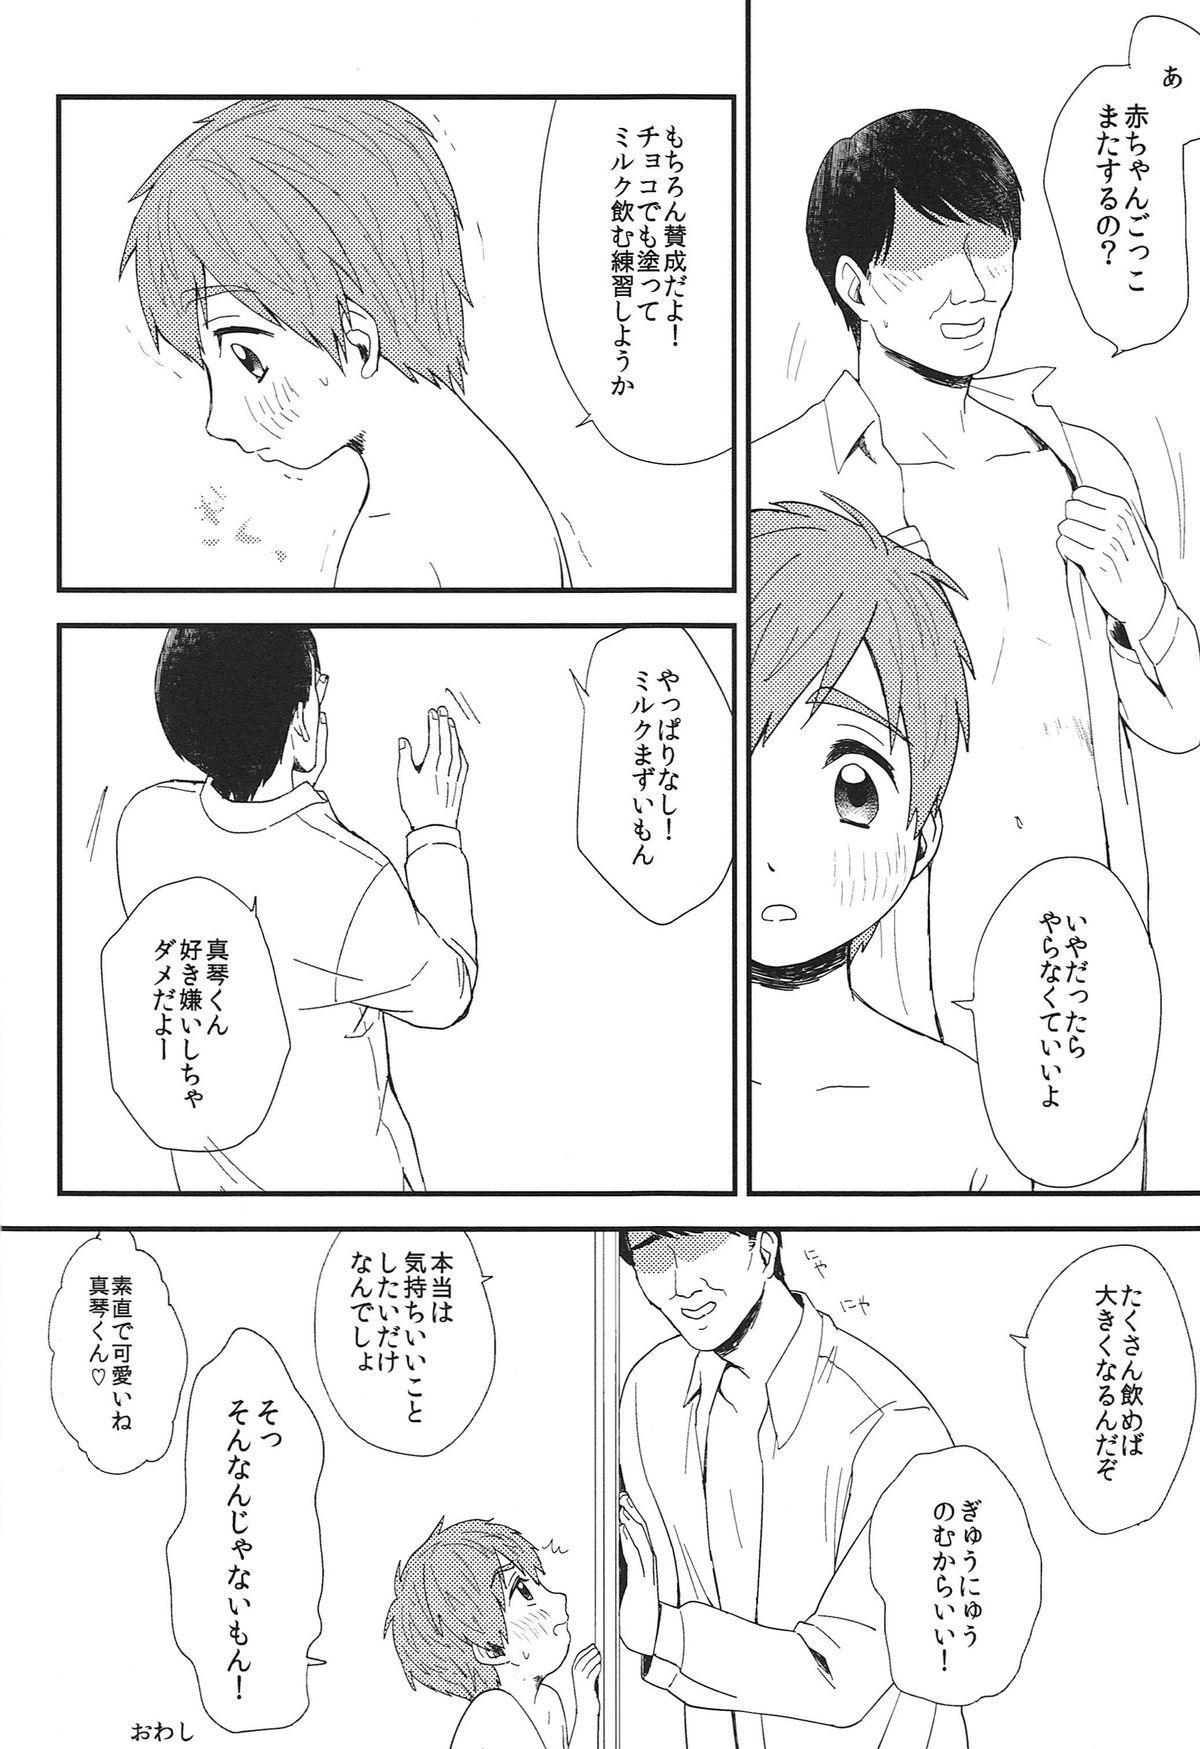 Onii-chan ni Naritakunai Yamai 34